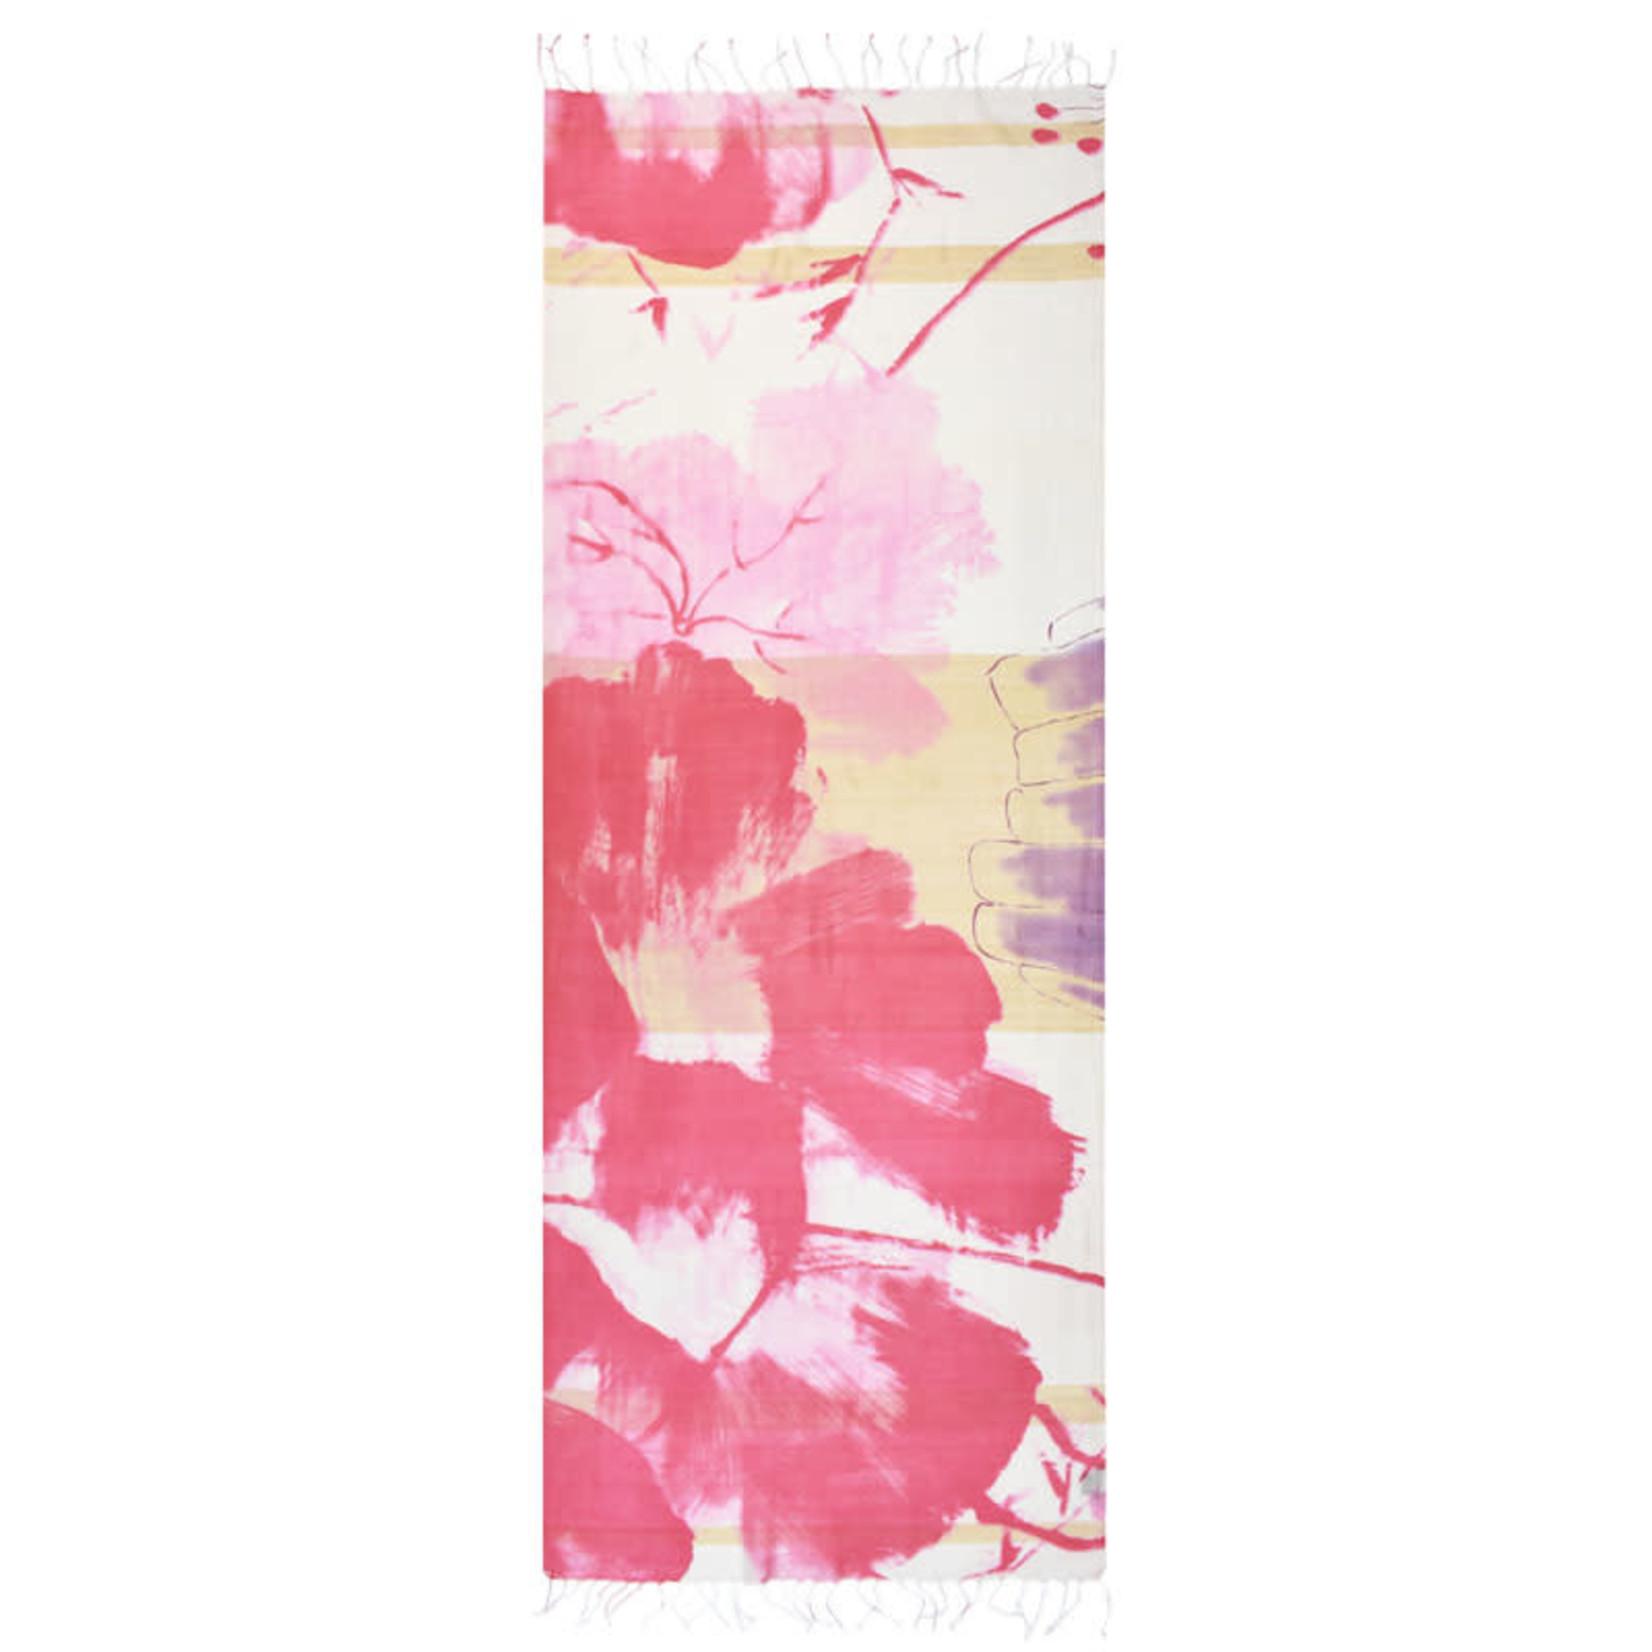 100%HandwovenSilk JapaneseBrushStroke Floral Pink/White